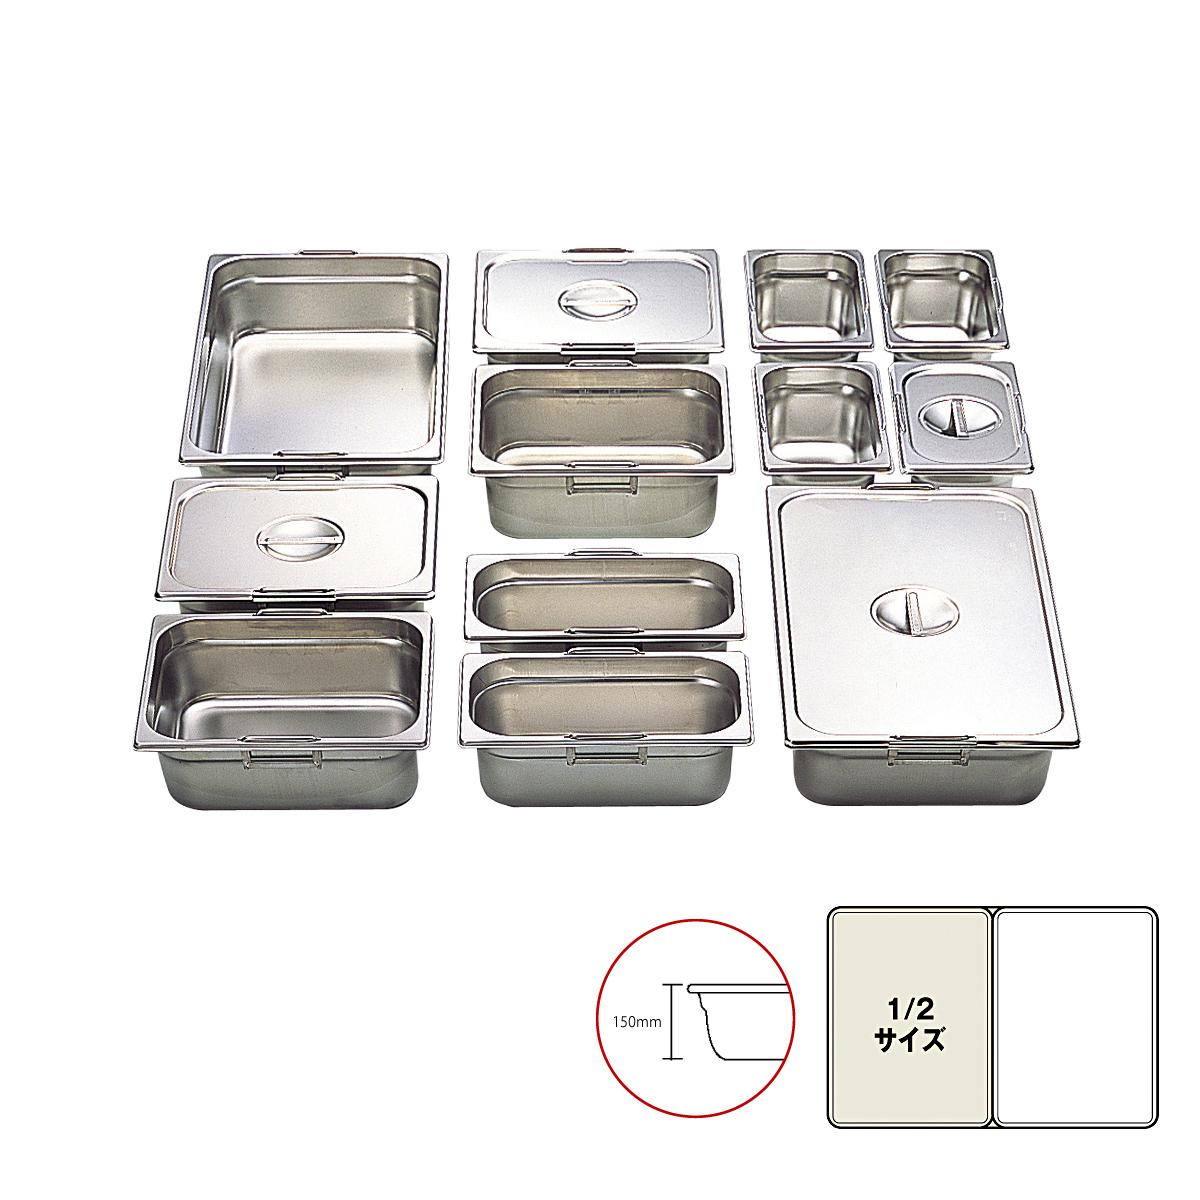 リーバー ガストロノームパン 1/2×H150mm 12150F ホテルパン